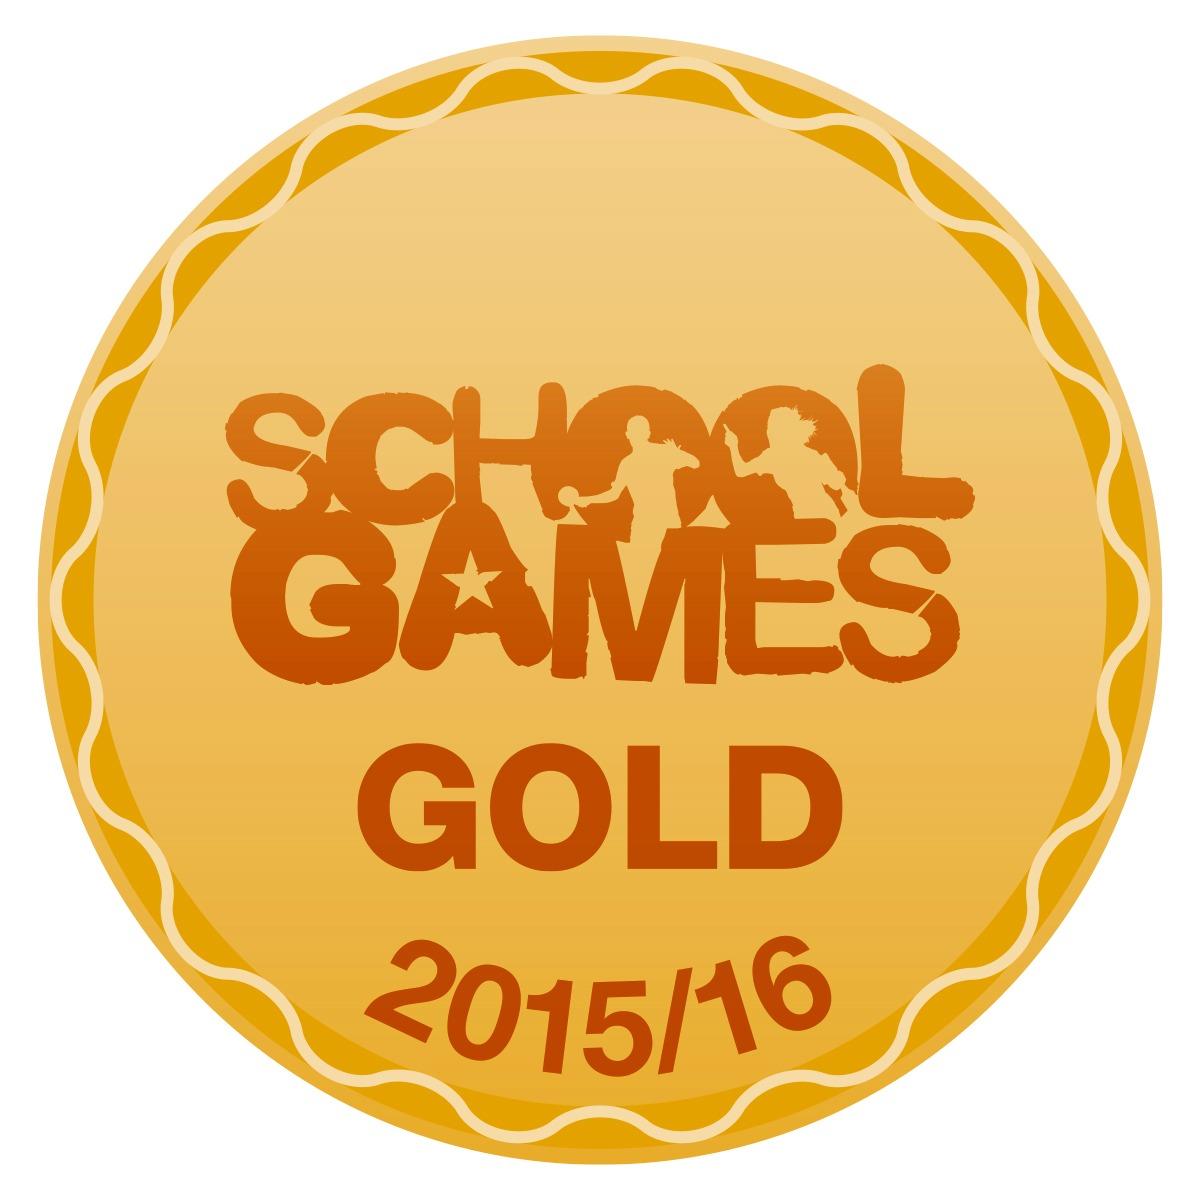 SGMARK GOLD.jpg